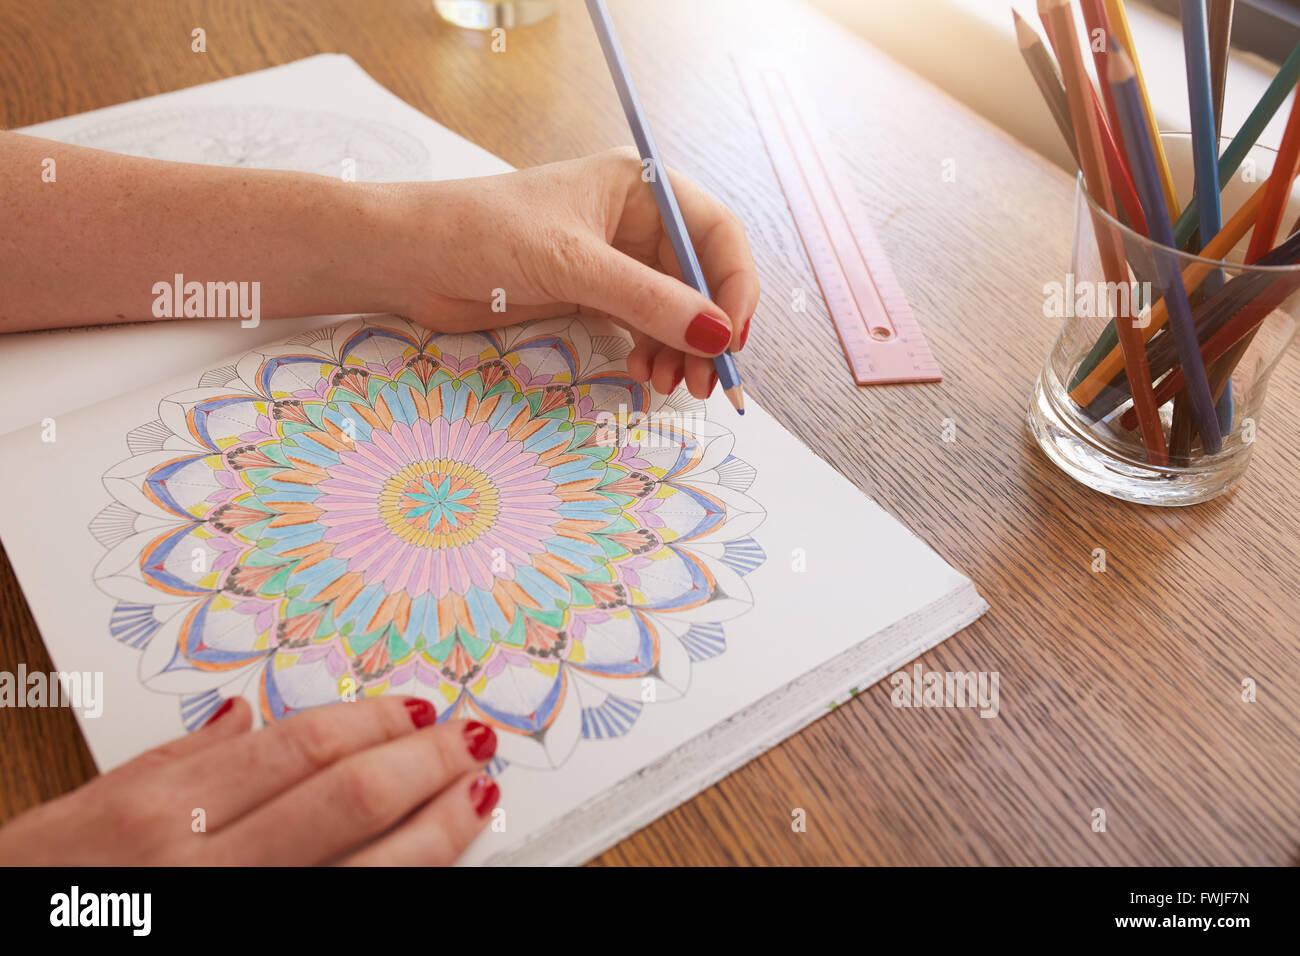 Cerrar imagen de mujer manos dibujo coloring book en adultos sobre una mesa en casa. Imagen De Stock